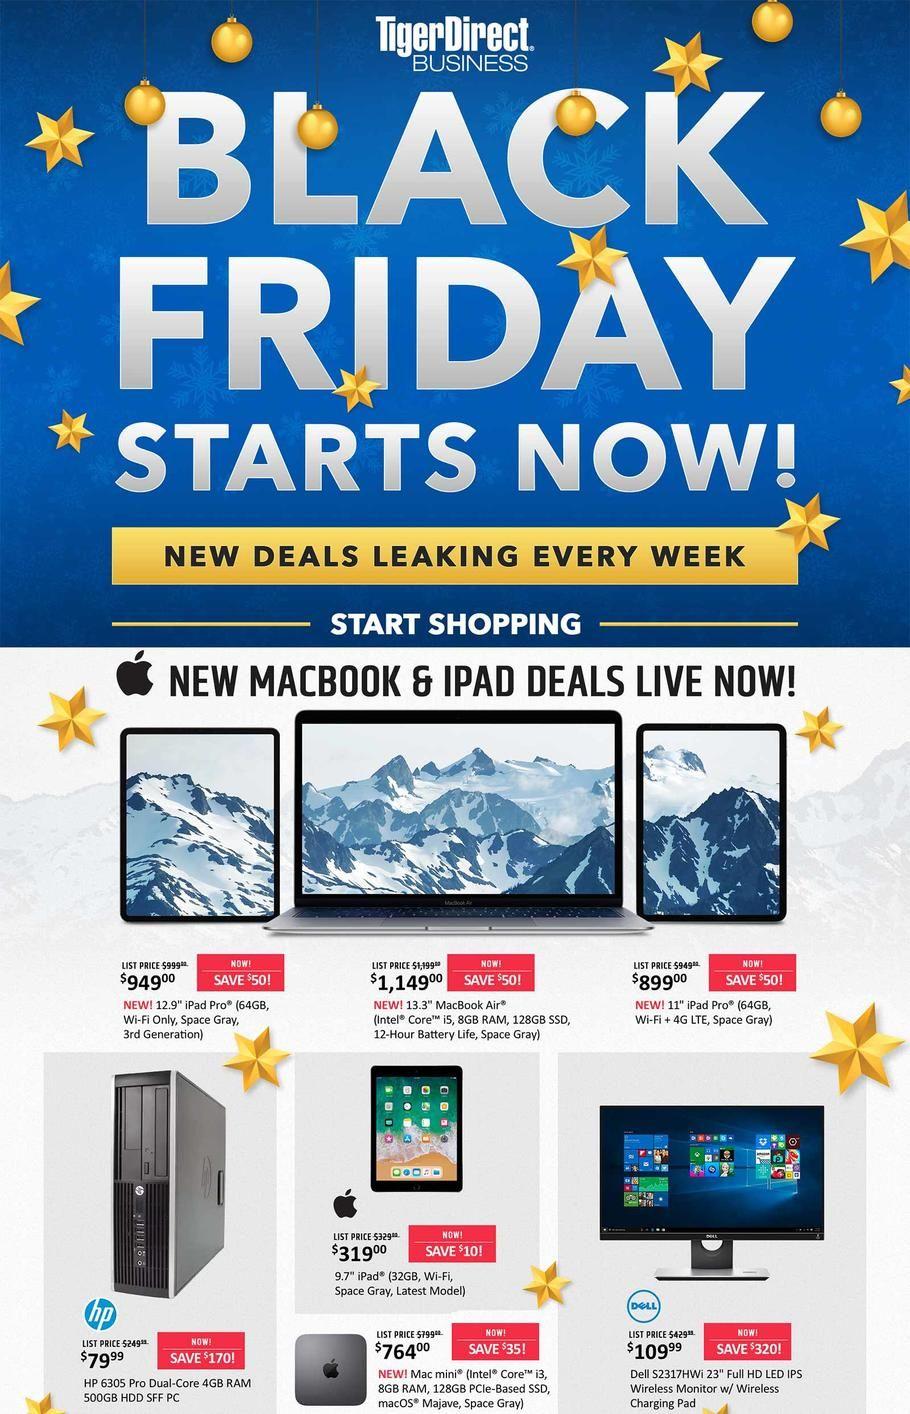 Tiger Direct Black Friday 2020 Sale Bestblackfridaydeal Net Black Friday New Macbook Black Friday Ads